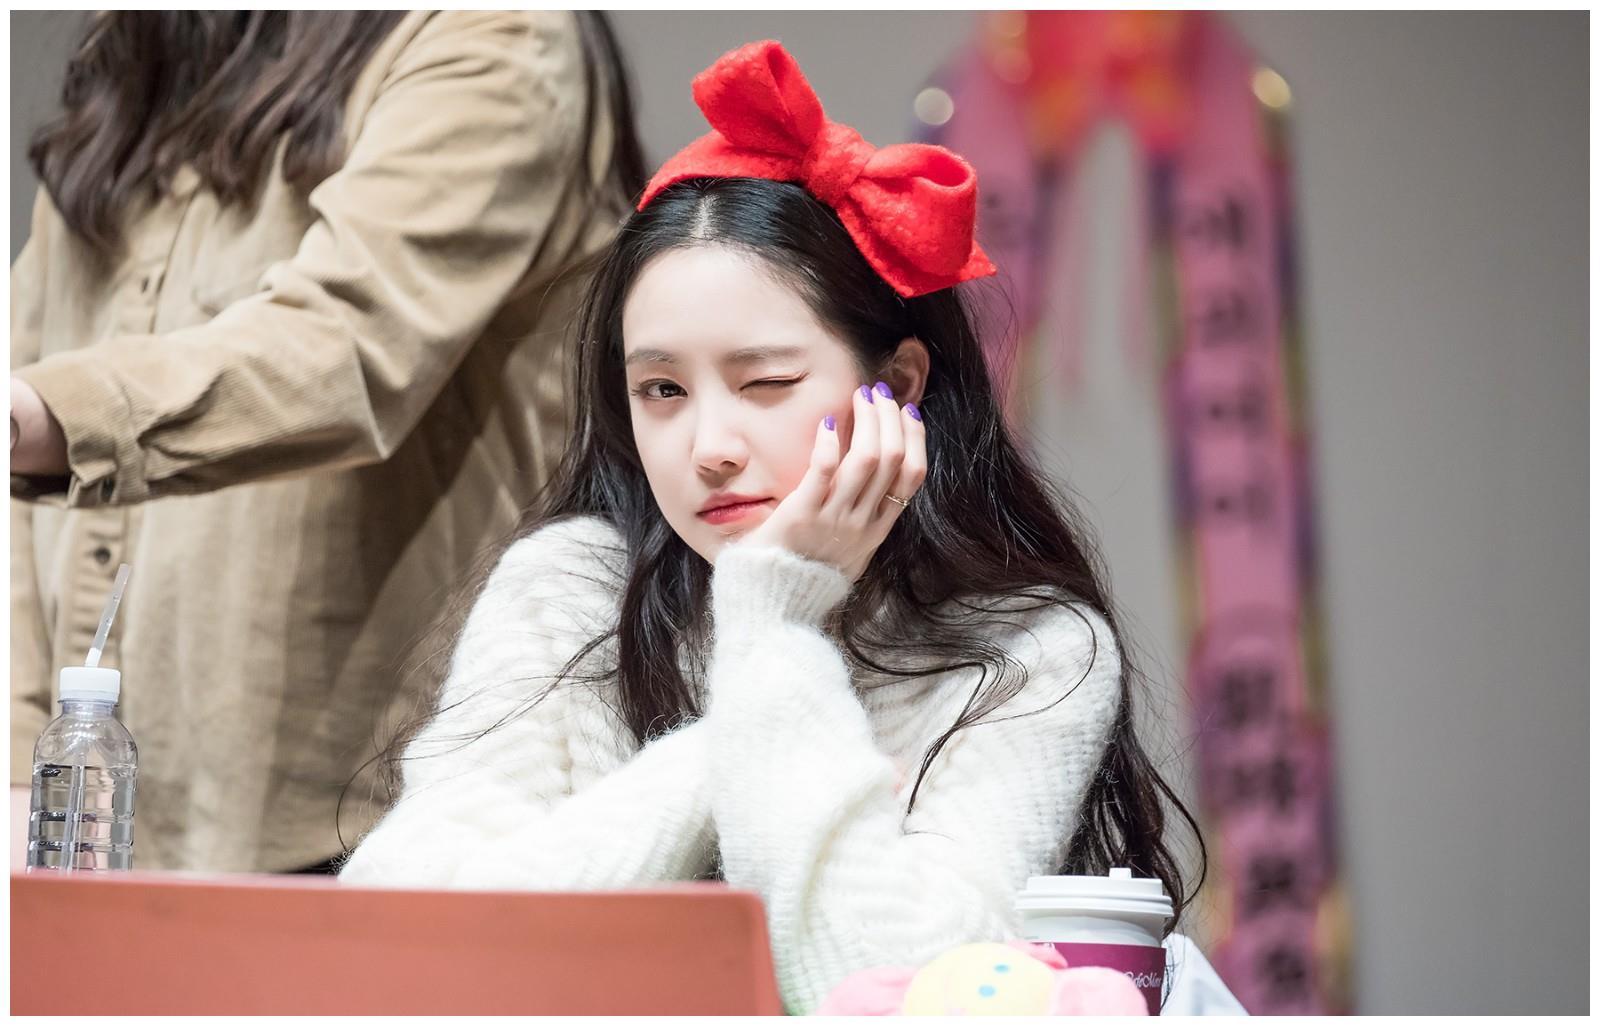 APINK尹普美上传生日照,唯独不见孙娜恩,难道YG不放人?